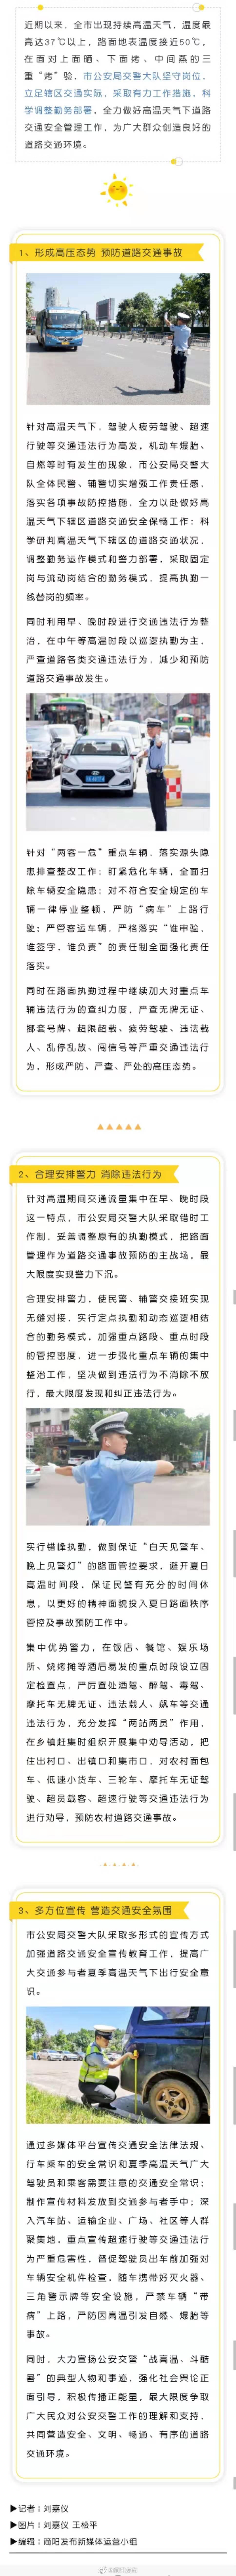 烈日炎炎斗志昂!简阳市公安局交警大队迎战高温保畅通防事故